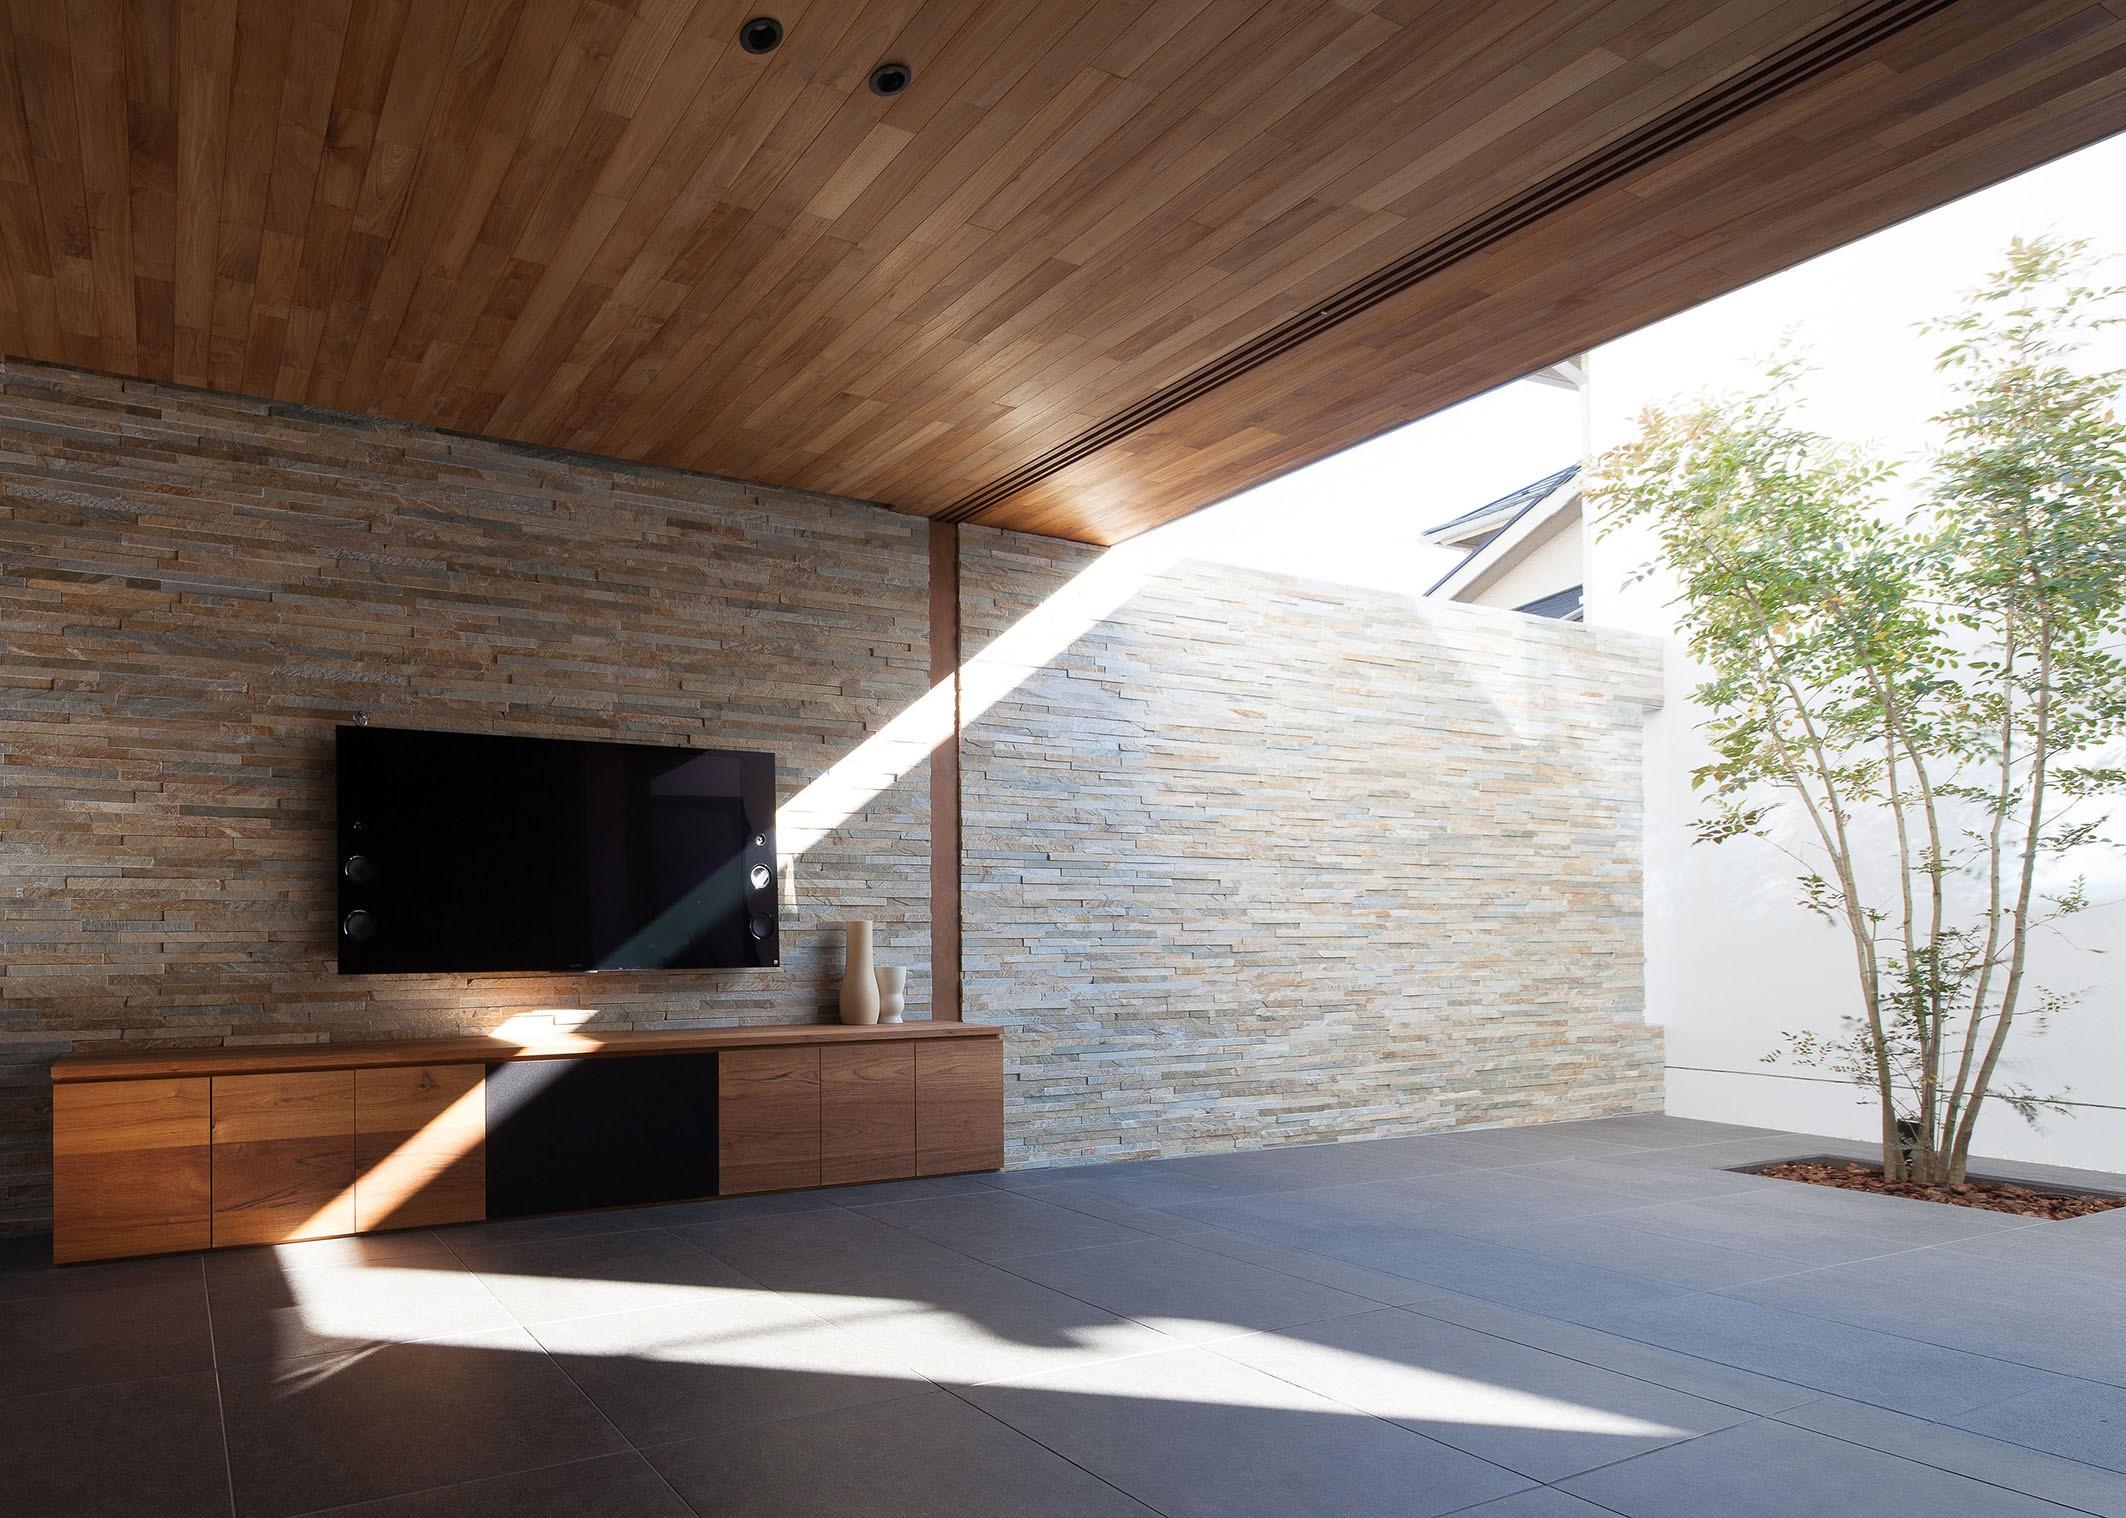 リビングダイニング事例:中庭と一体となるリビング(石壁の家 -内外の連続性をつくりだす石壁-)